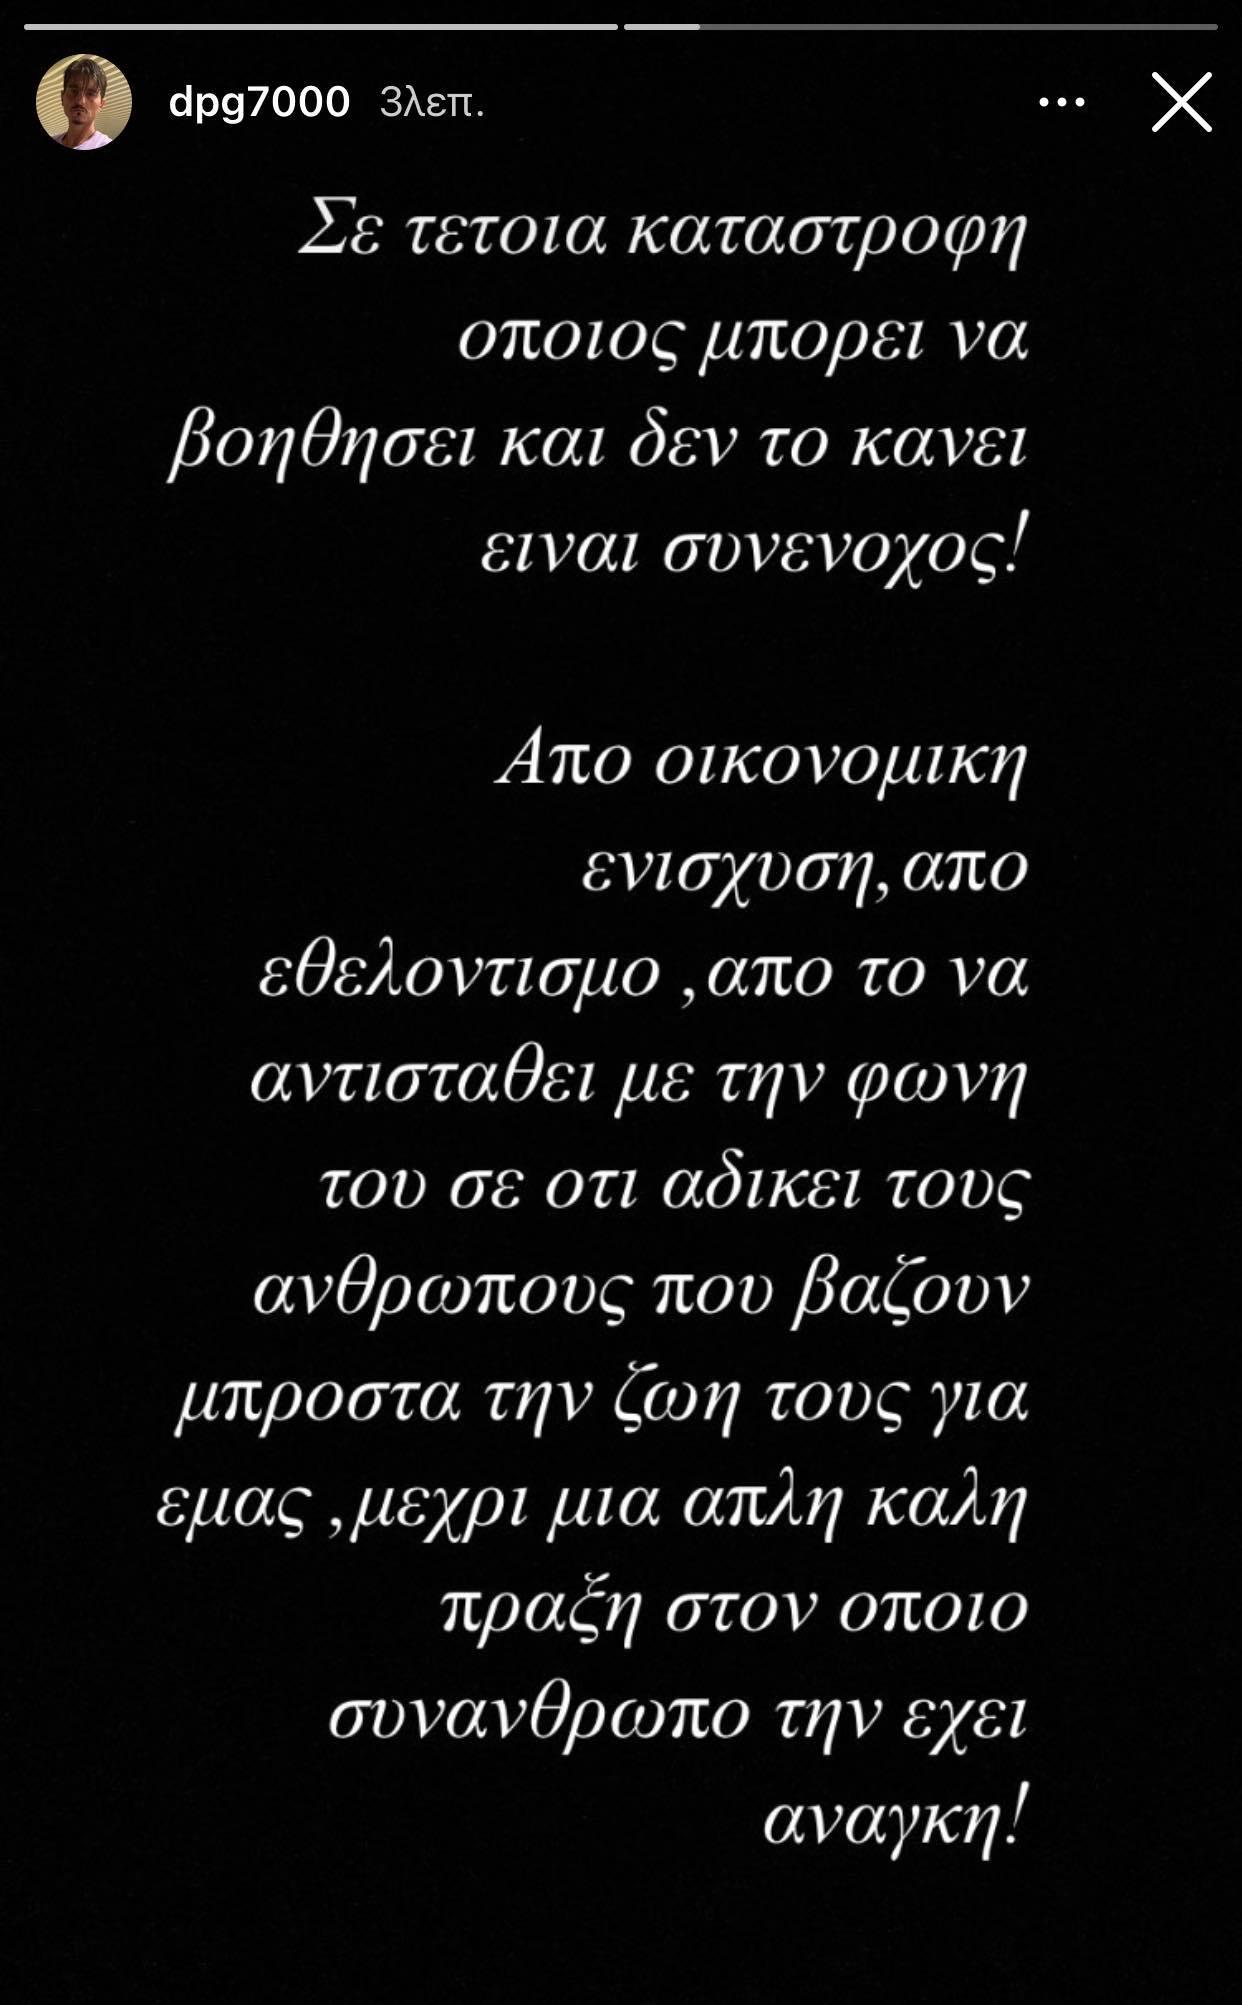 Γιαννακόπουλος: «Συνένοχος σε τέτοια καταστροφή, όποιος μπορεί και δεν βοηθάει!»